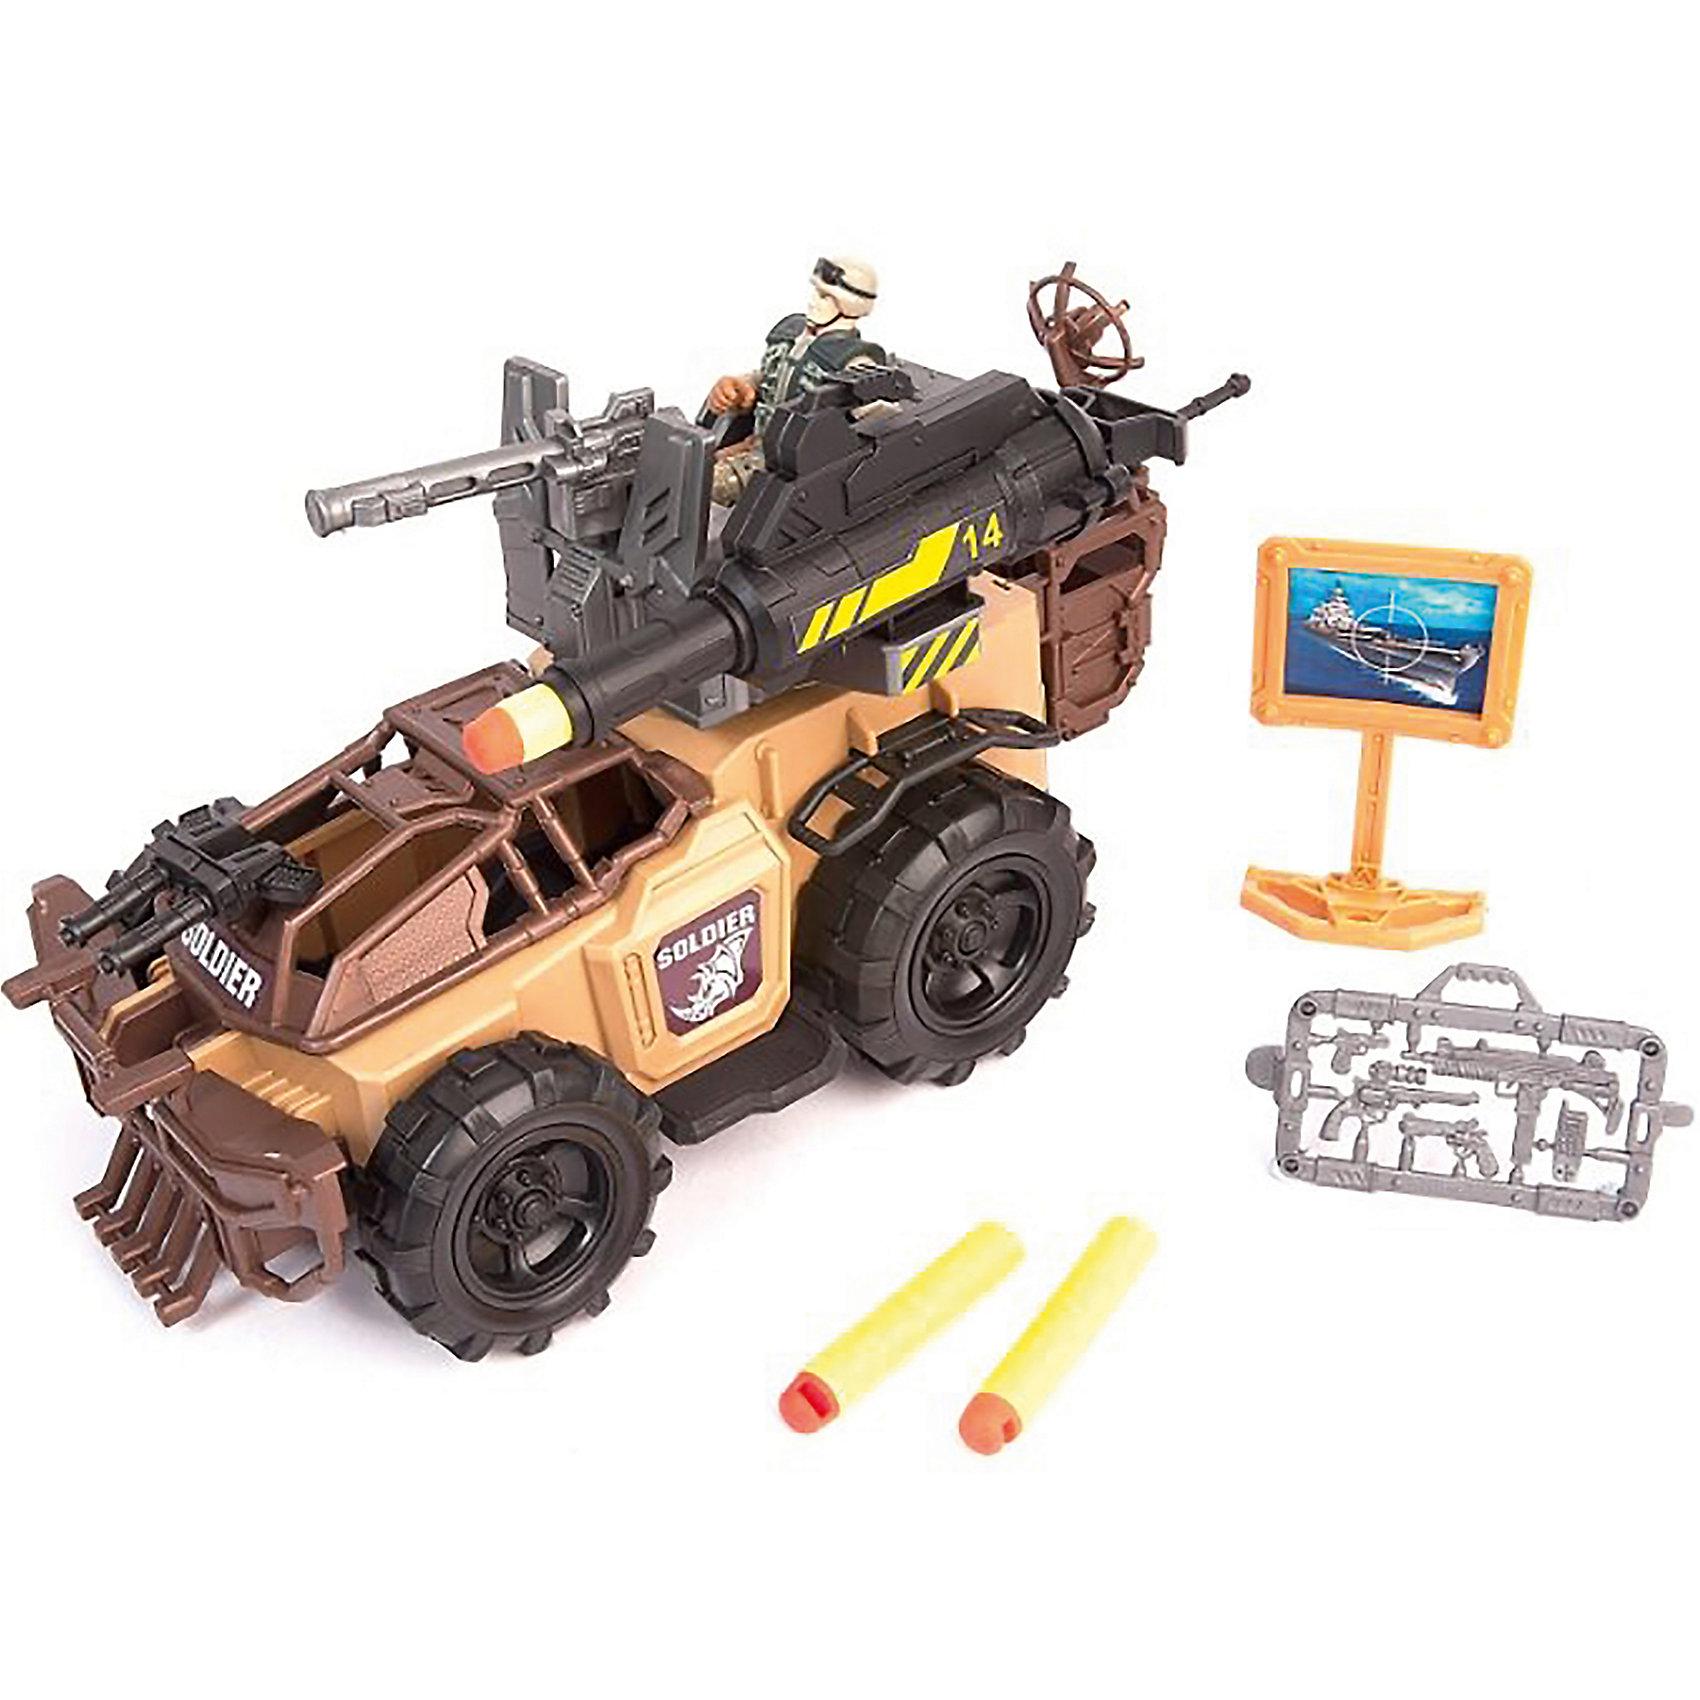 Набор: Ударный броневик, Chap MeiСолдатики и рыцари<br>Набор: Ударный броневик, Chap Mei (Чап Мей)<br><br>Характеристики:<br><br>• оборудован пушкой<br>• стреляет ракетами<br>• в комплекте: броневик, фигурка военного, снаряжение, ракеты 3 шт.<br>• материал: пластик<br>• размер упаковки: 47х16,8х21,6см<br><br>Набор Ударный броневик - отличный подарок для любителей военных игр. Ребёнок сможет придумать интересный сюжет, происходящий с военным, управляющим броневиком. Броневик стреляет ракетами, что придаёт игре ещё больше реалистичности. В комплект входит фигурка военного со всем необходимым снаряжением.<br><br>Набор: Ударный броневик, Chap Mei (Чап Мей) можно купить в нашем интернет-магазине.<br><br>Ширина мм: 470<br>Глубина мм: 168<br>Высота мм: 216<br>Вес г: 2040<br>Возраст от месяцев: 36<br>Возраст до месяцев: 2147483647<br>Пол: Унисекс<br>Возраст: Детский<br>SKU: 5503293